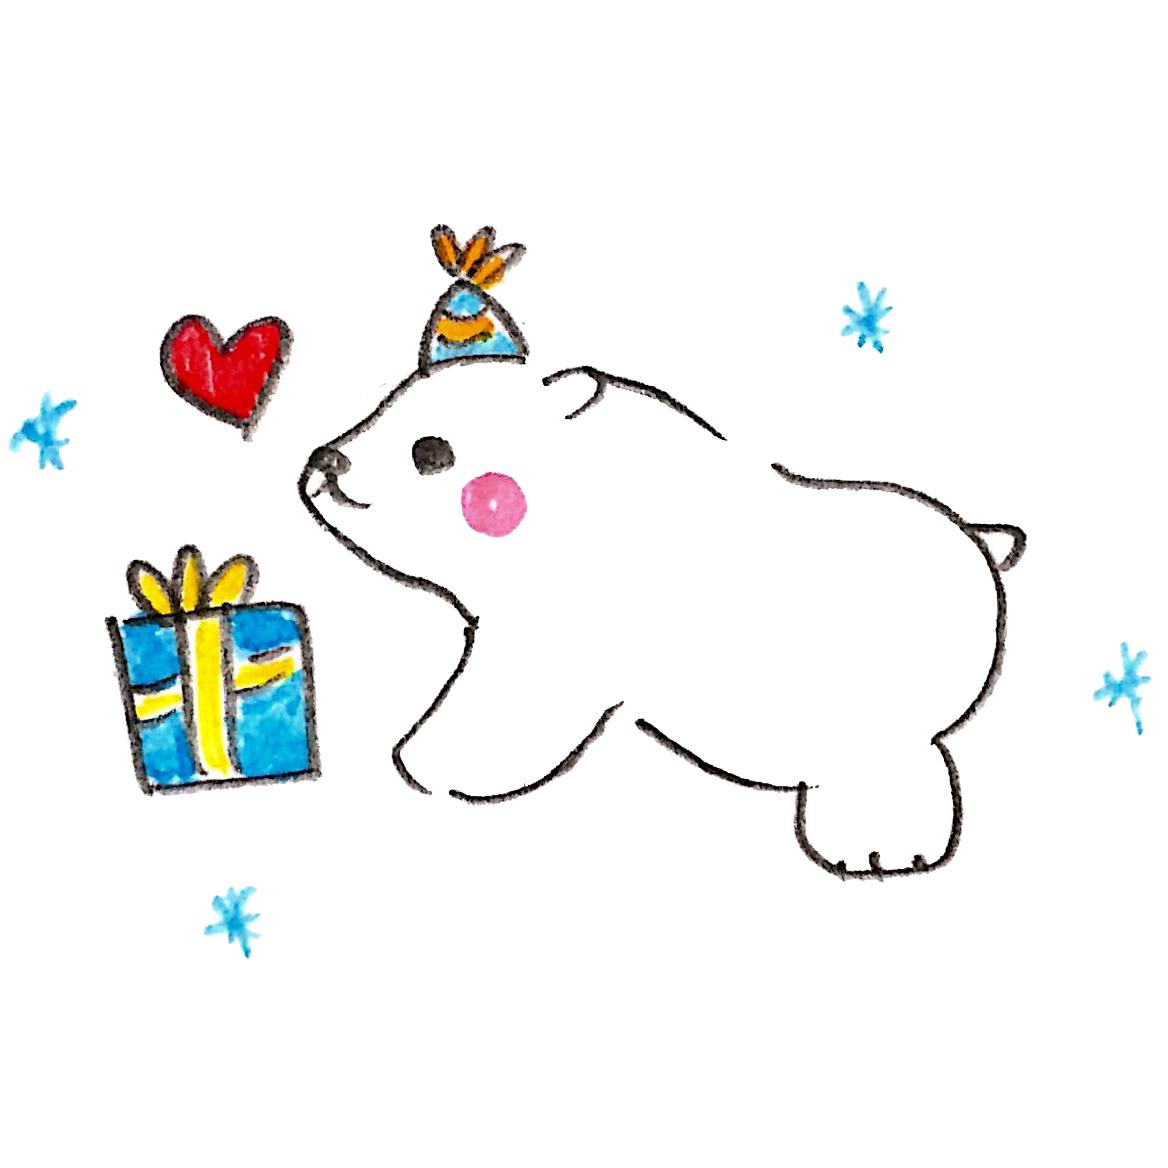 クリスマスプレゼントにウキウキする白熊